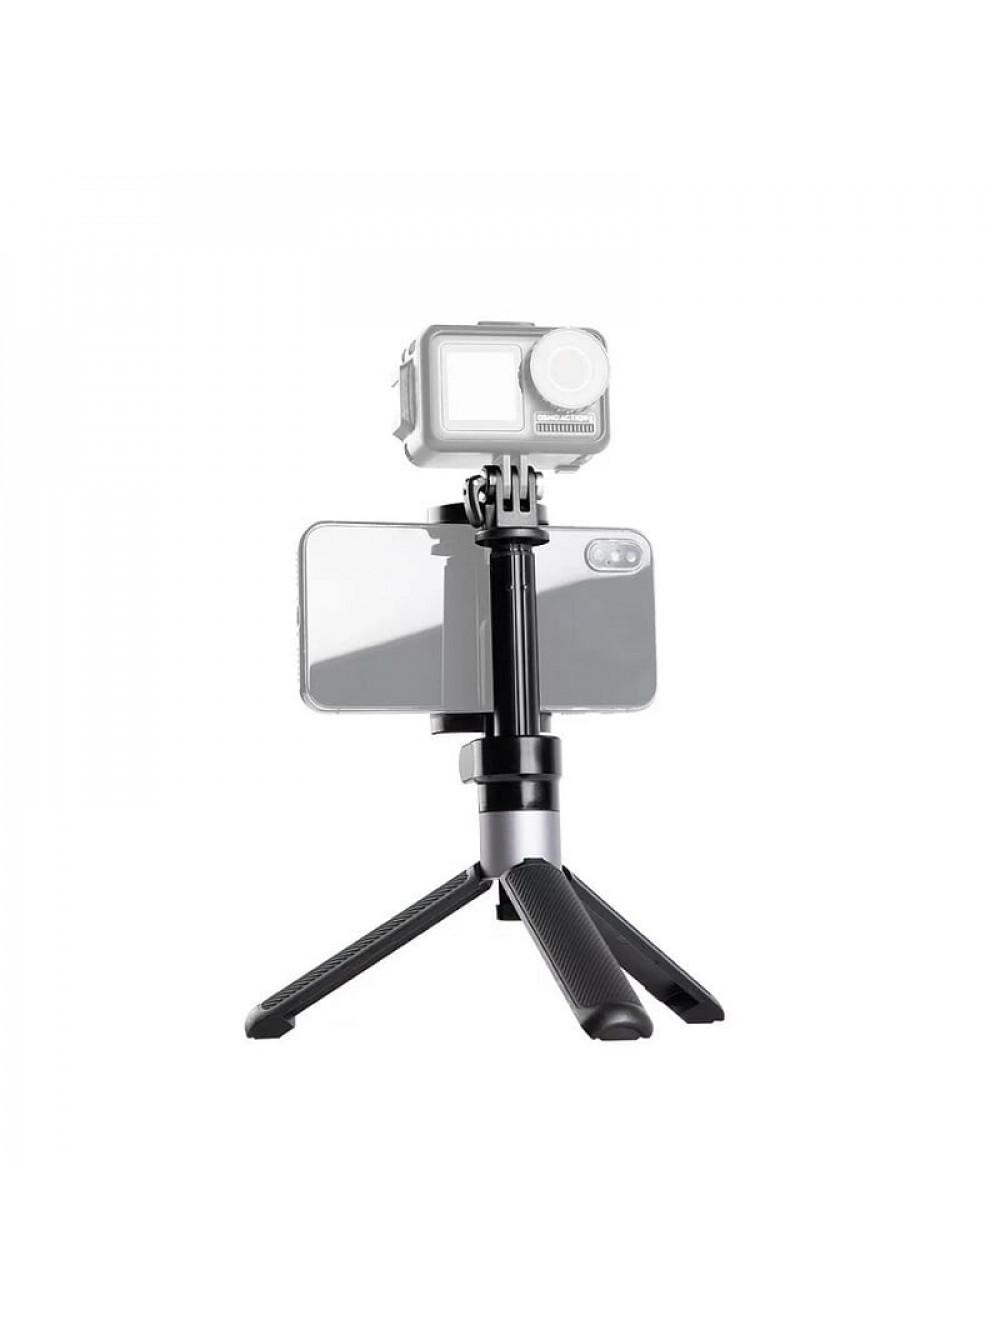 Монопод штатив телескопический с креплением под смартфон PGY (P-GM-118)